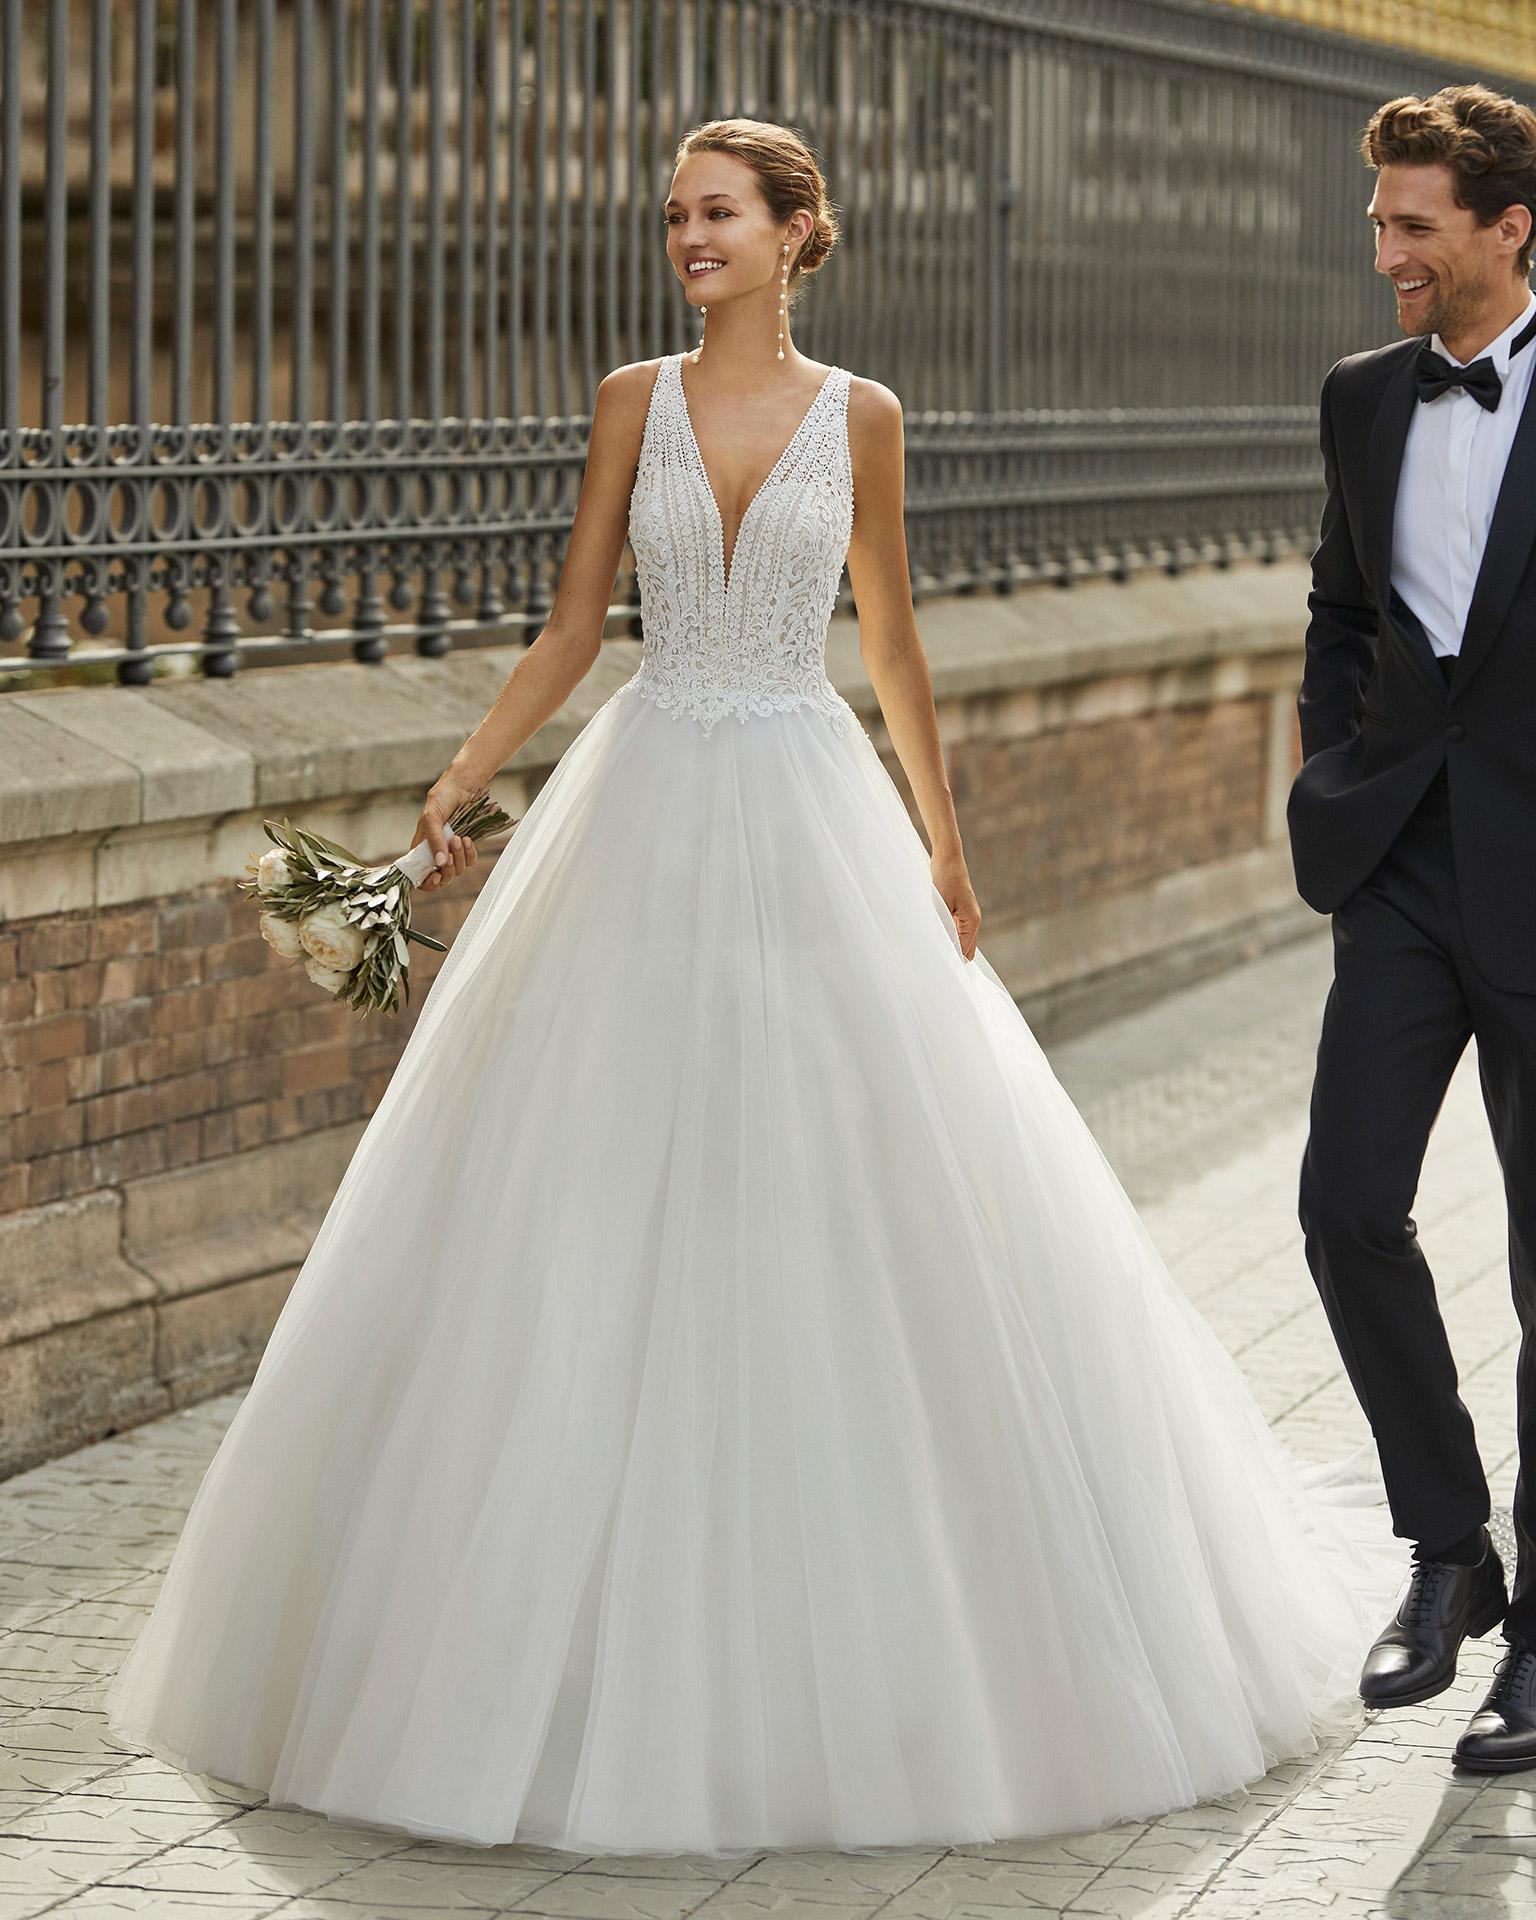 Vestido de novia de estilo princesa, tul, encaje y pedrería. Escote deep plunge y espalda cruzada. Colección  2022.